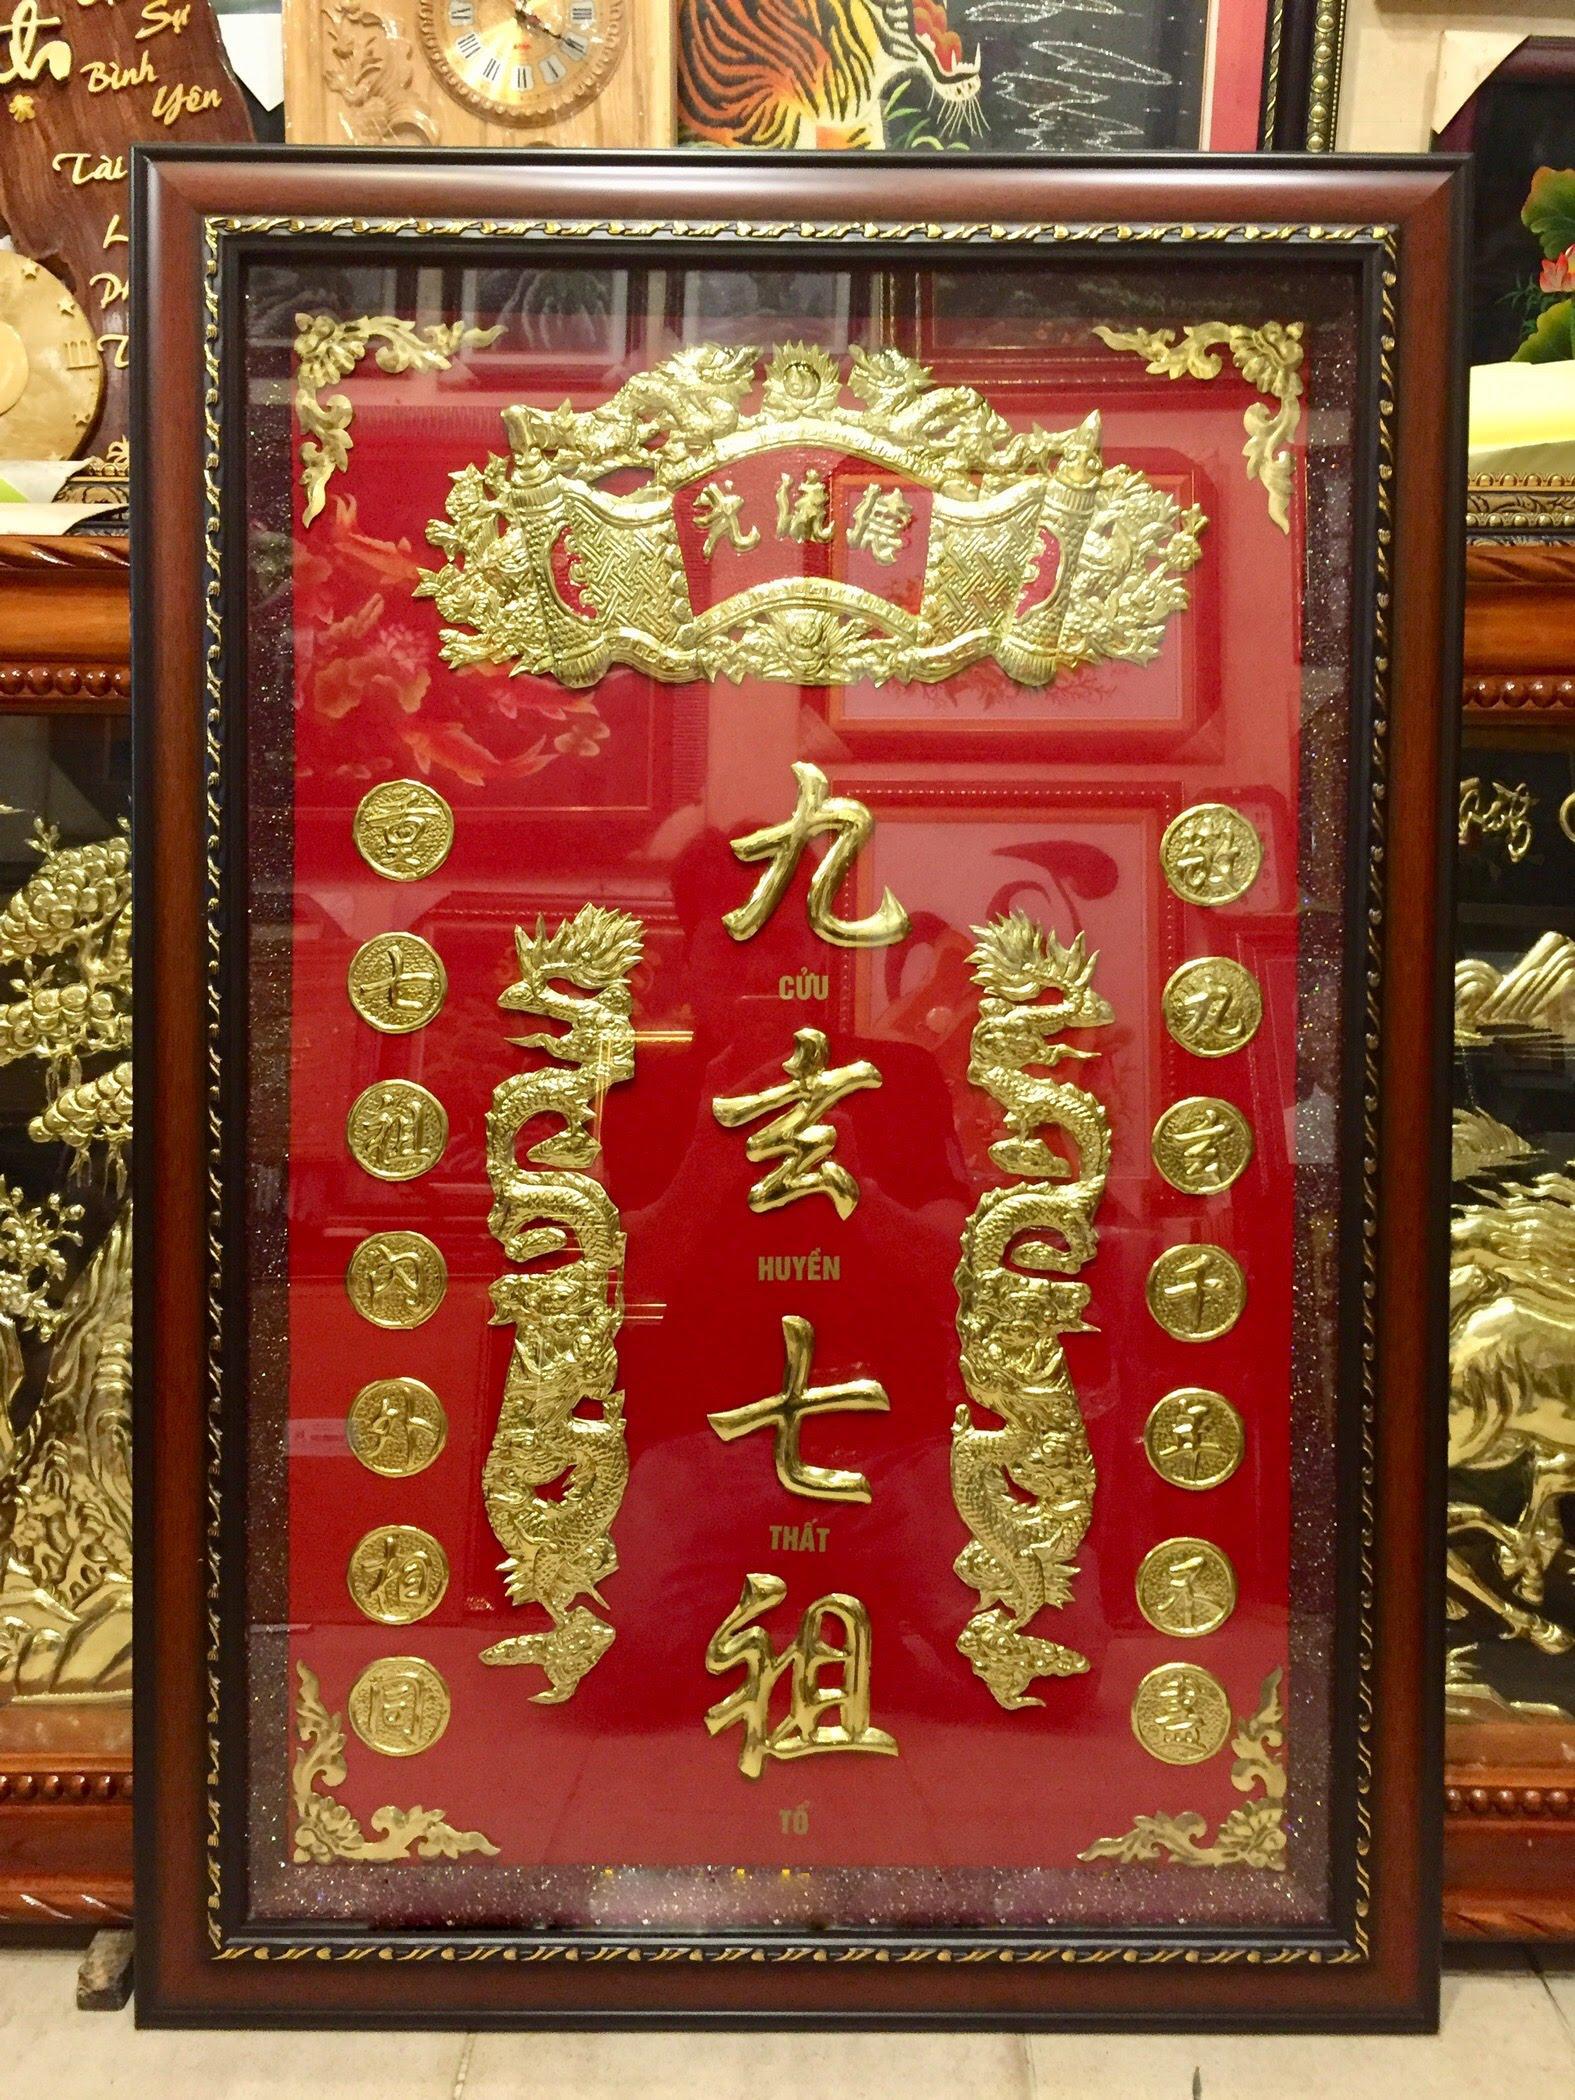 Tranh đồng thờ, Cửu Huyền Thất Tổ - 3368